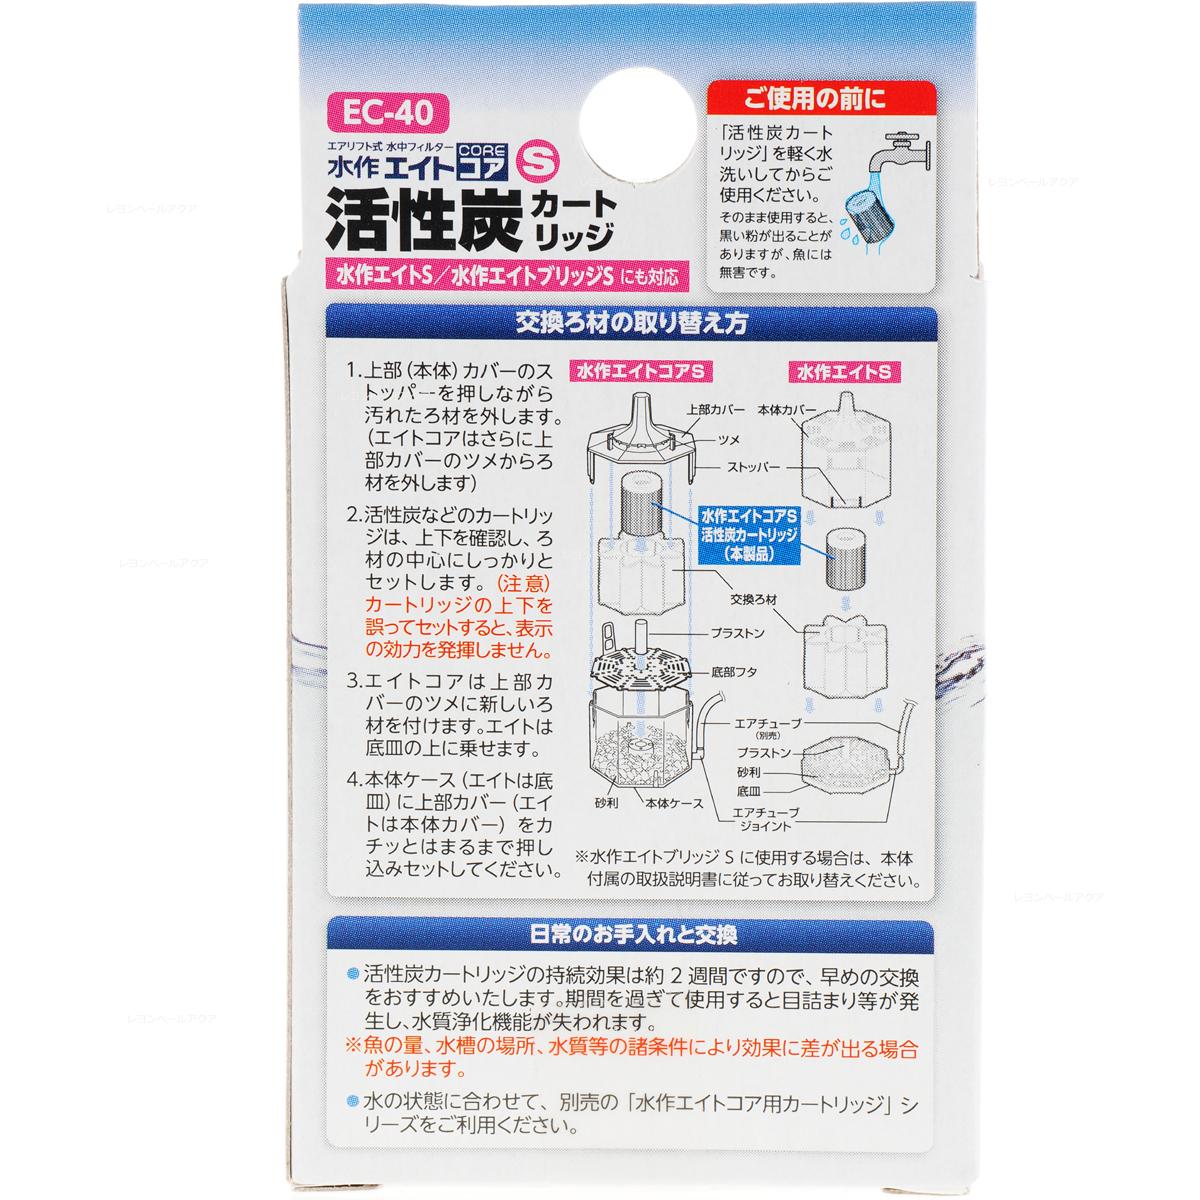 水作エイトコアS用 活性炭カートリッジ 【在庫有り】【特売】  「10点まで」